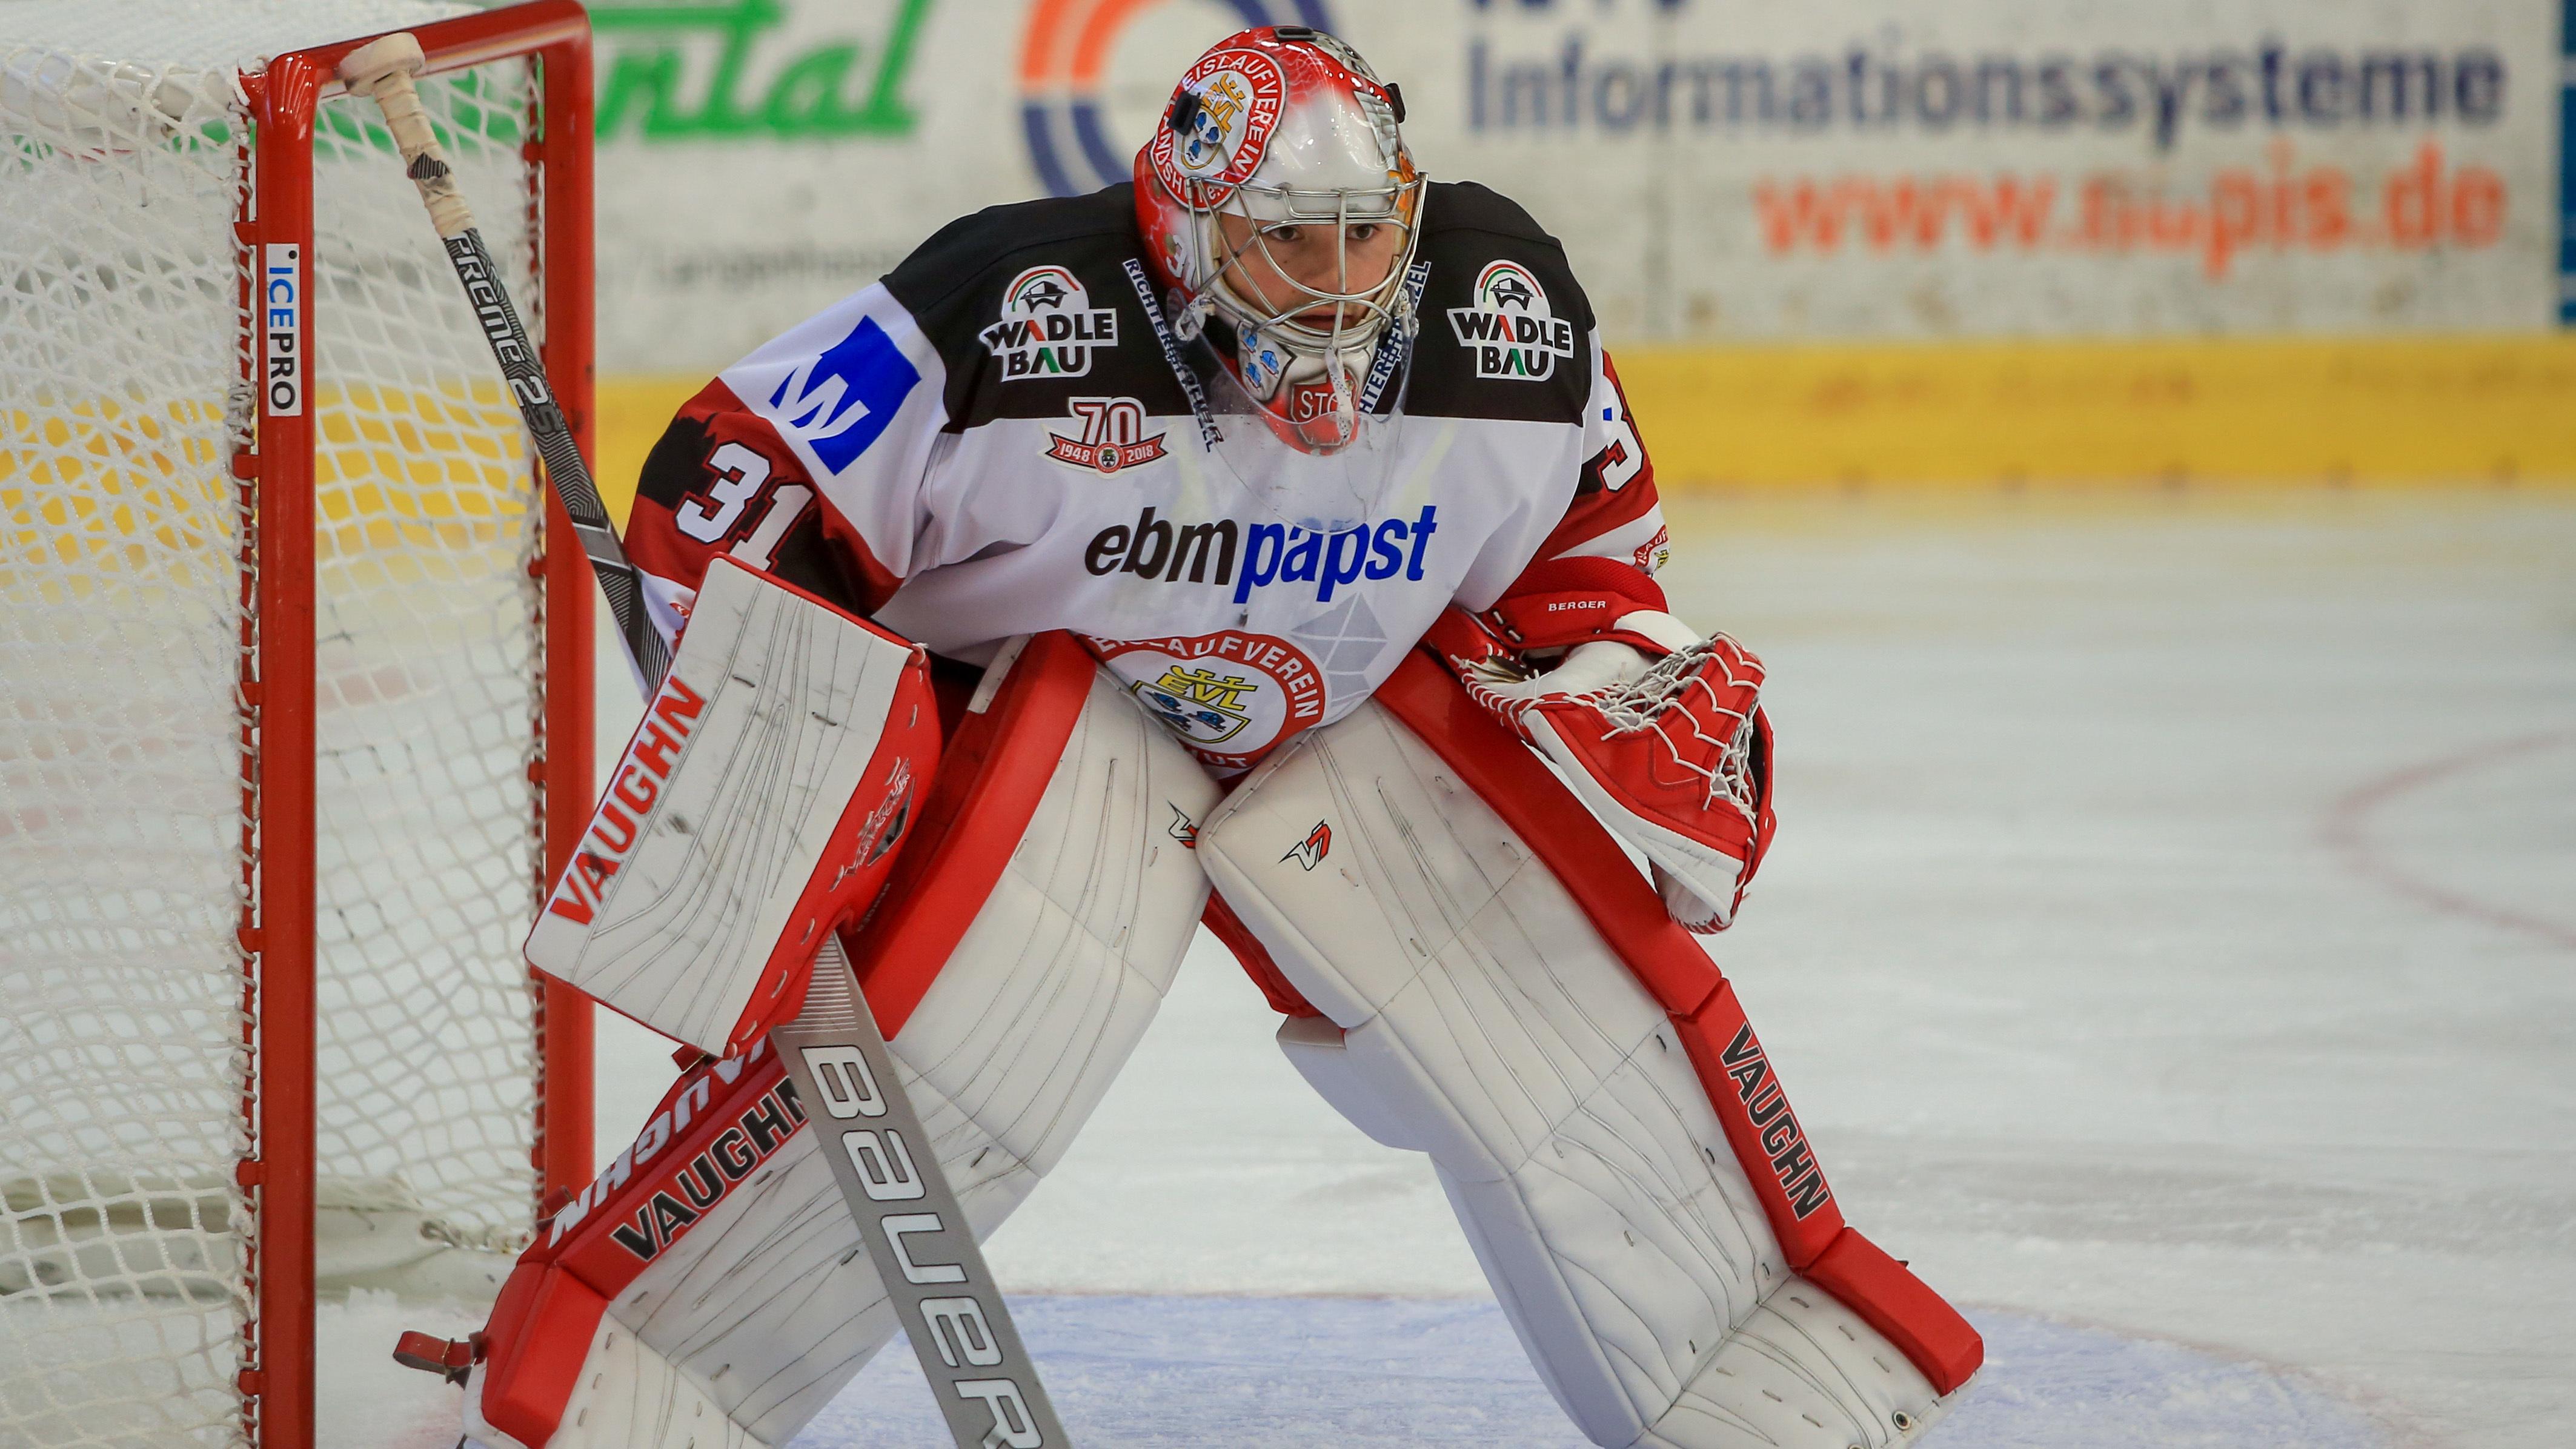 Beim Eishockey-Derby zwischen dem Deggendorfer SC und dem EV Landshut im Januar fliegen die Fetzen: Sieben Fans werden festgenommen.